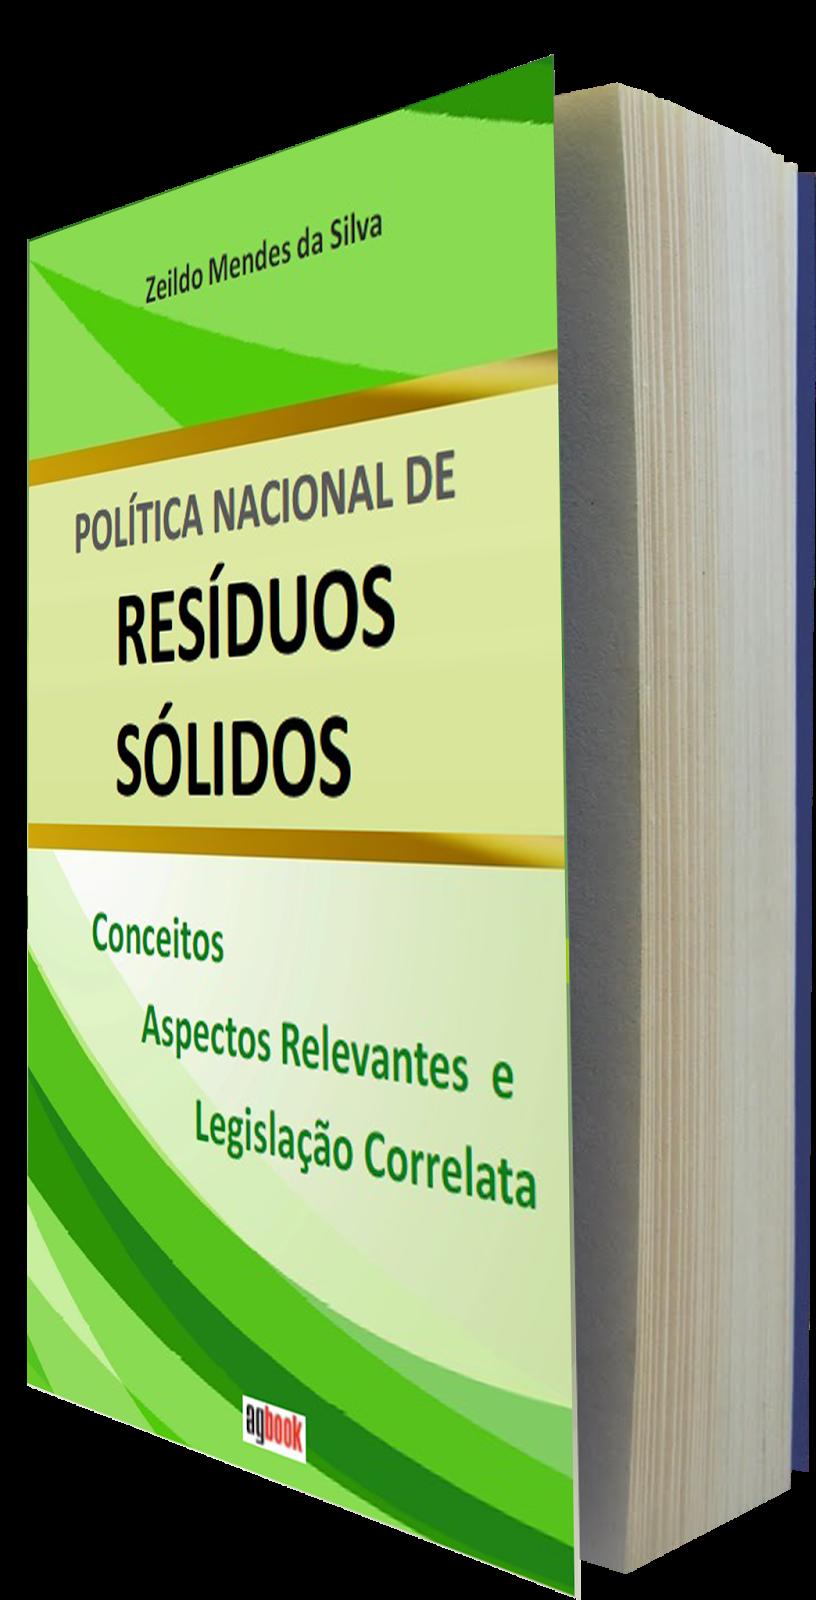 https://www.agbook.com.br/book/160443--Politica_Nacional_de_Residuos_Solidos